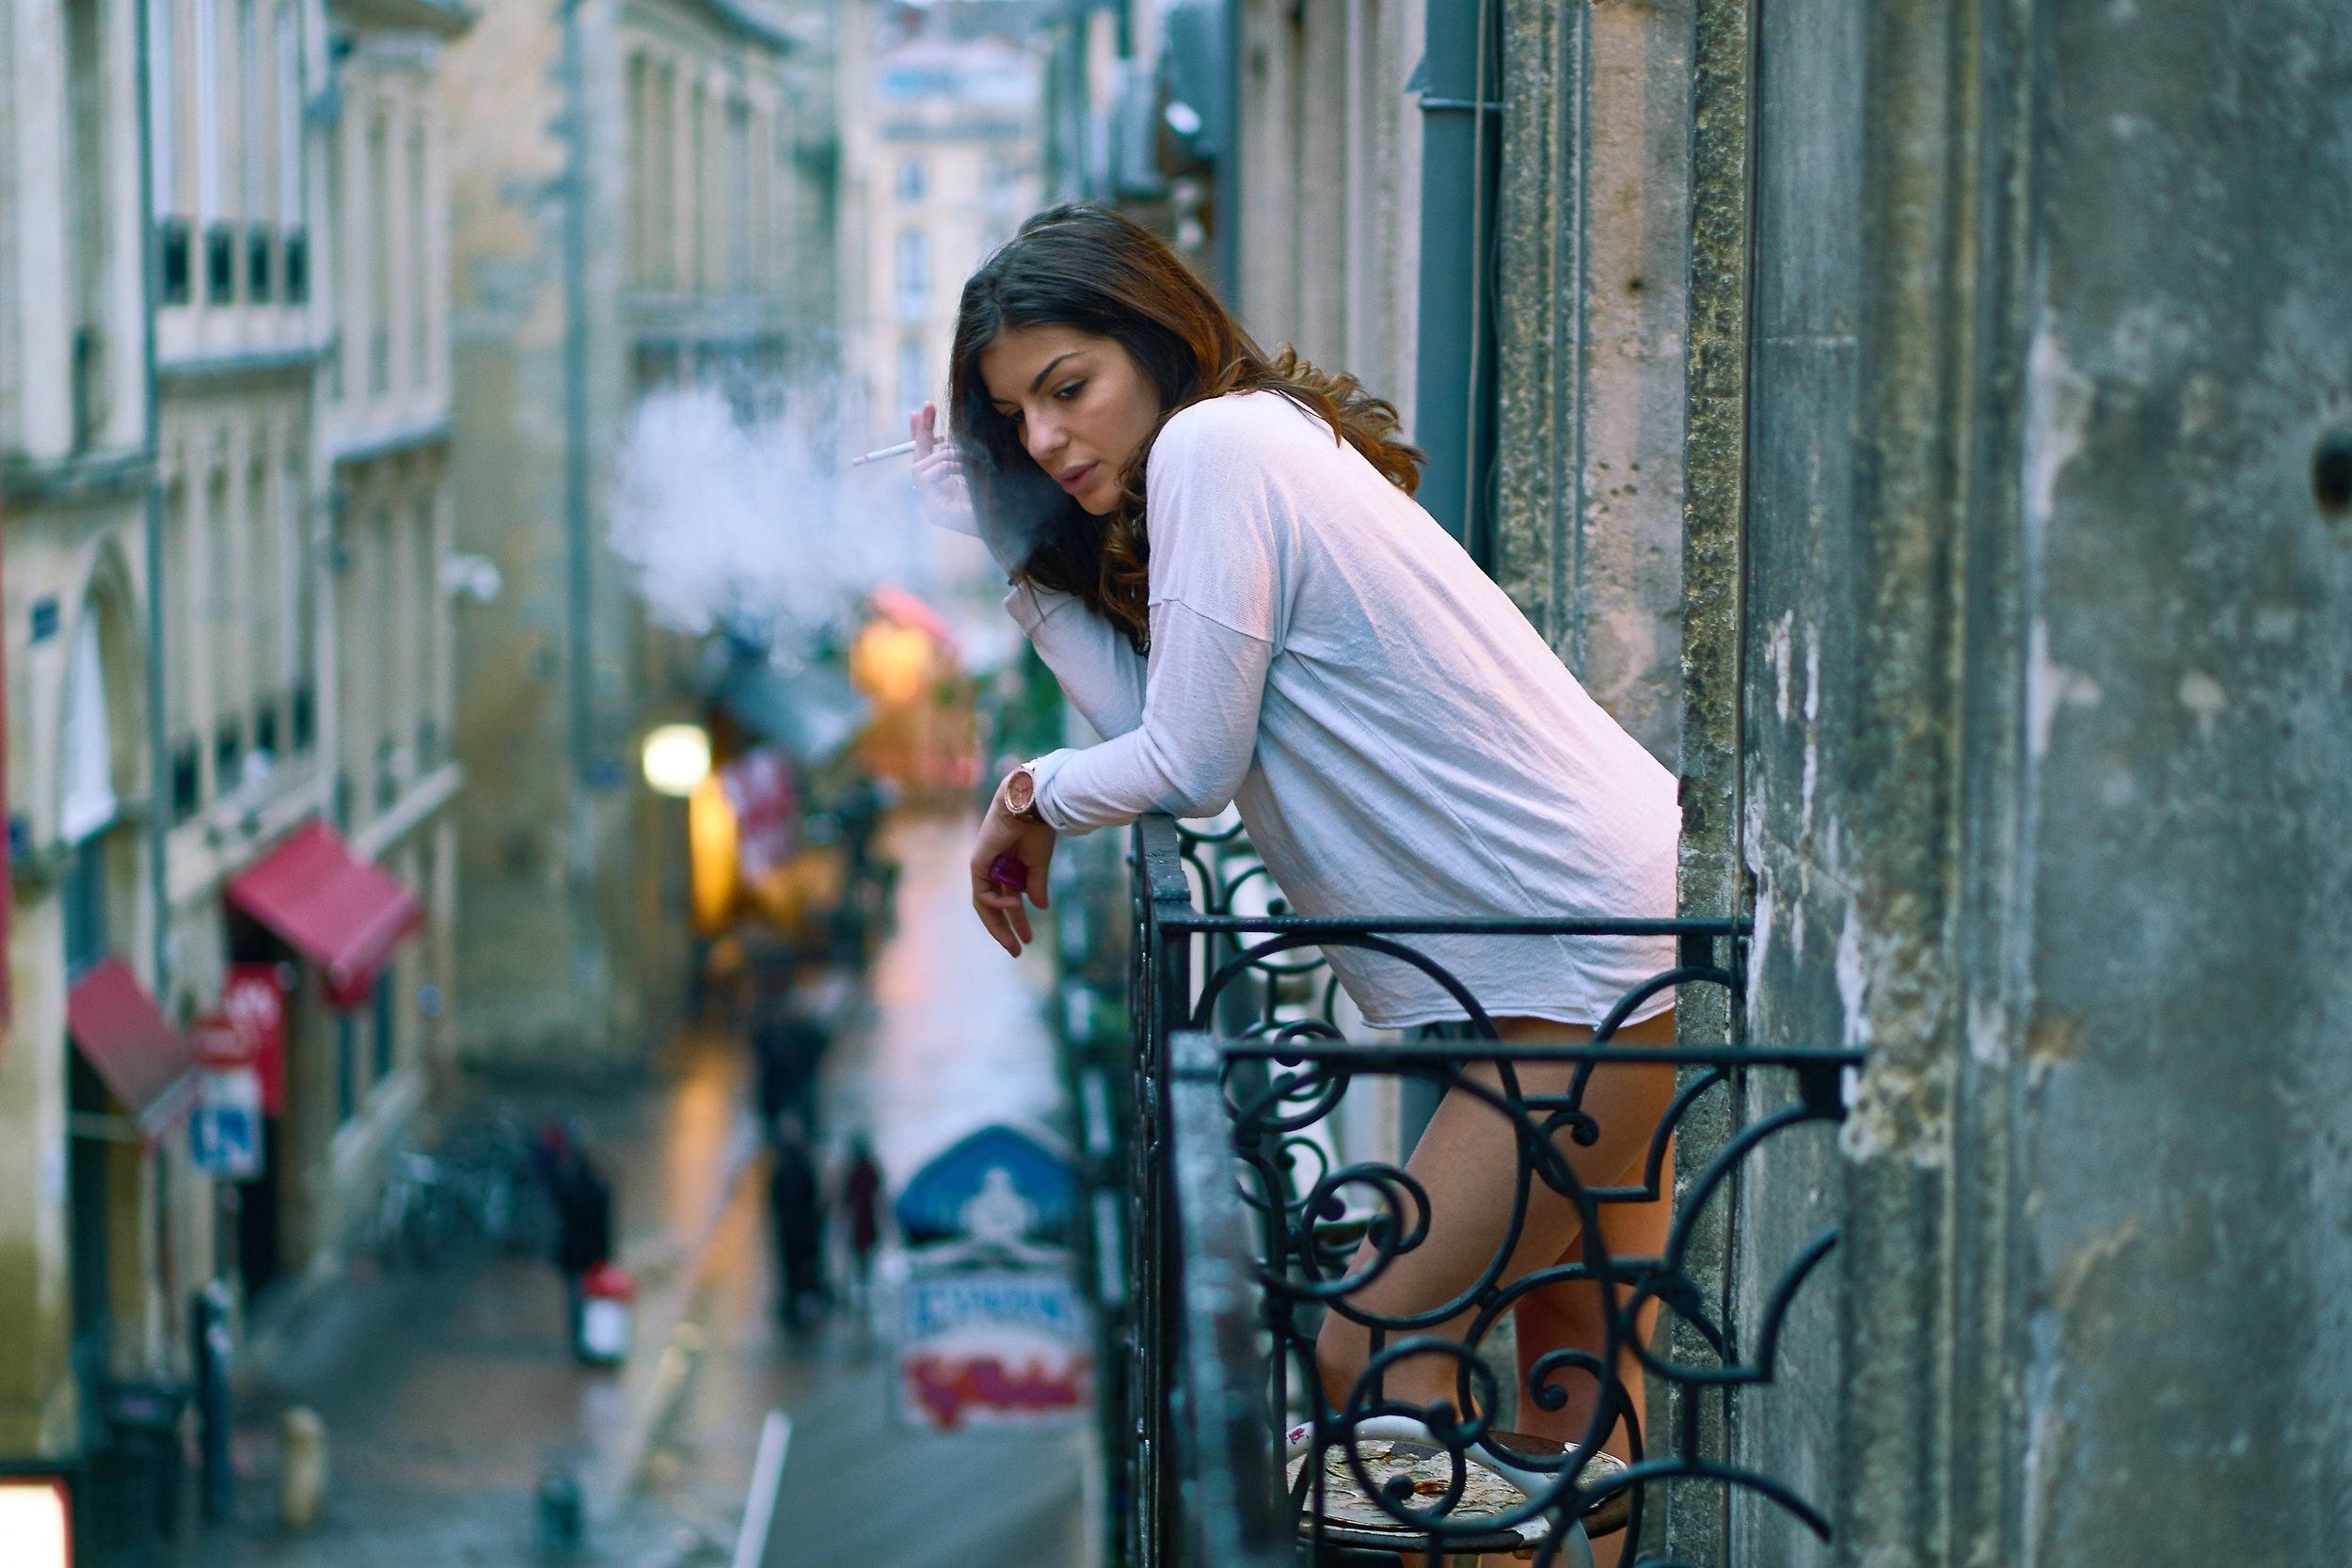 Yoann Boyer French woman